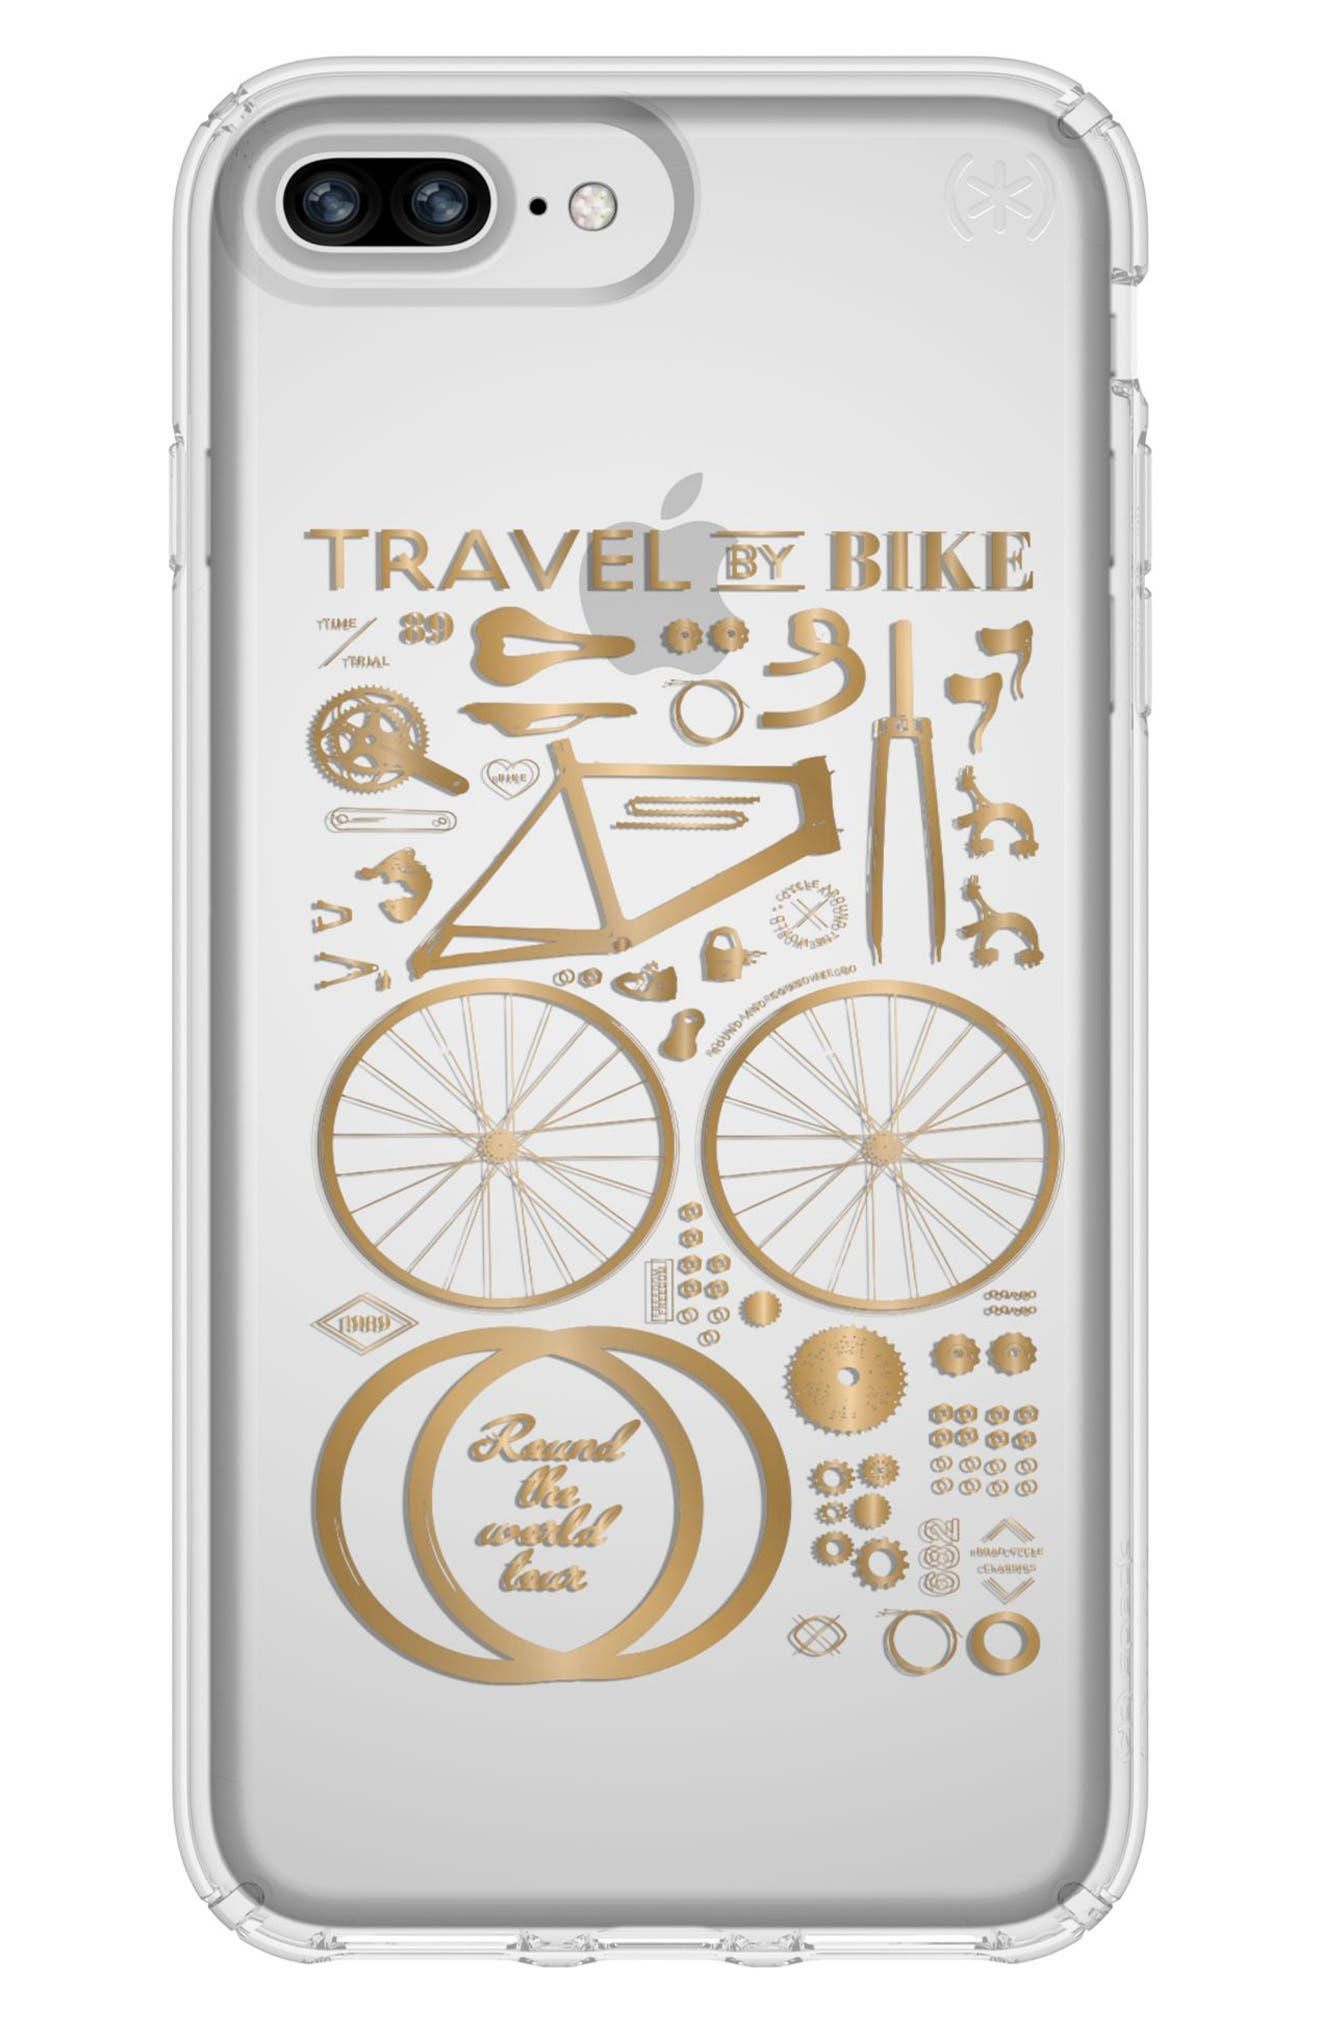 iPhone 6 Plus/6S Plus/7 Plus/8 Plus Case,                             Main thumbnail 1, color,                             Citybike Metallic Gold/ Clear